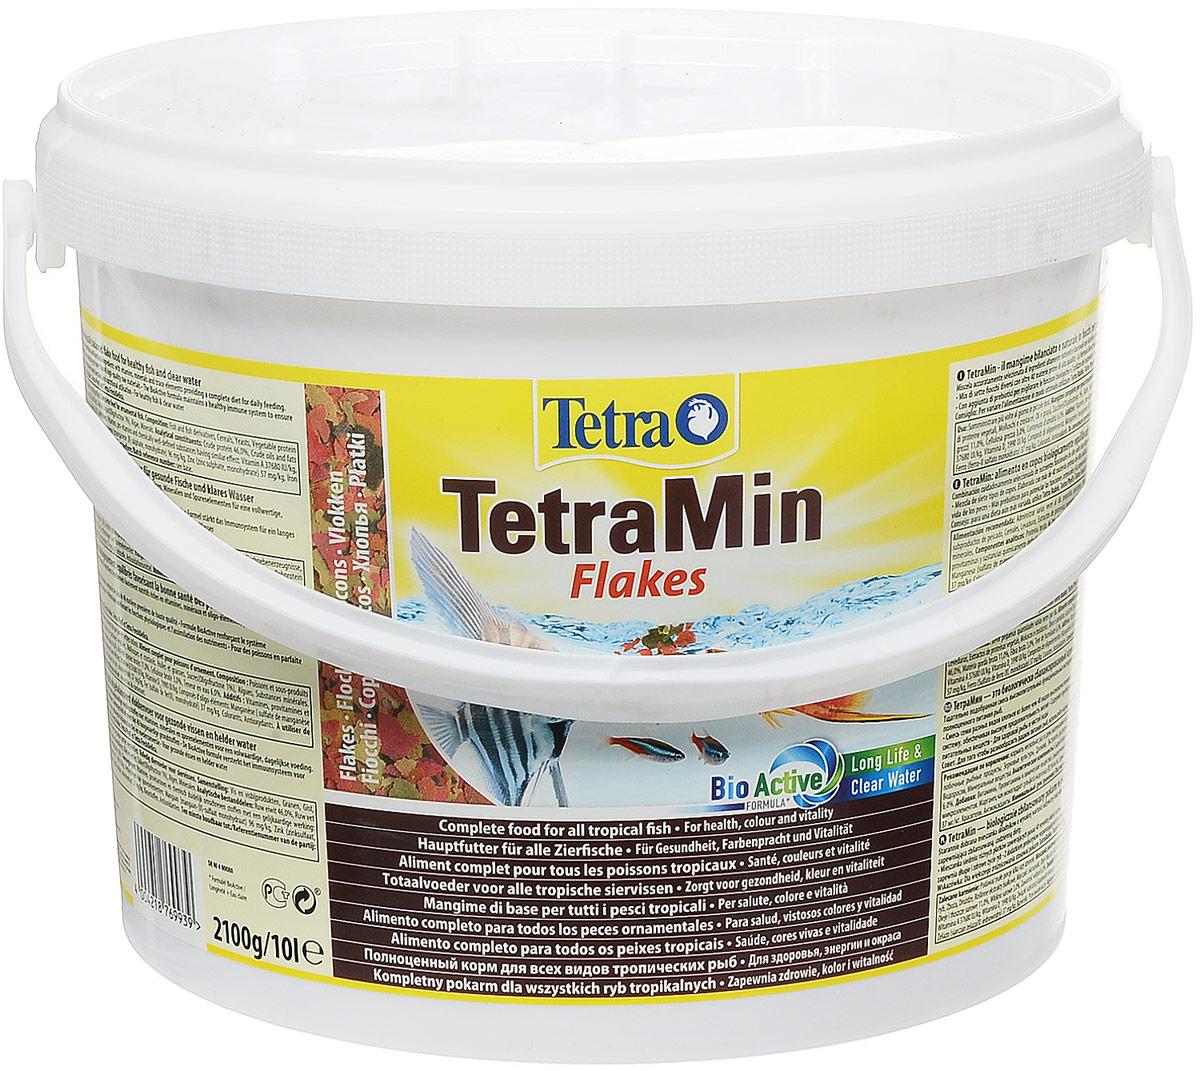 Корм Tetra TetraMin для всех видов тропических рыб, крупные хлопья, 10 л (2,1 кг) корм tetra tetramin xl flakes complete food for larger tropical fish крупные хлопья для больших тропических рыб 1л